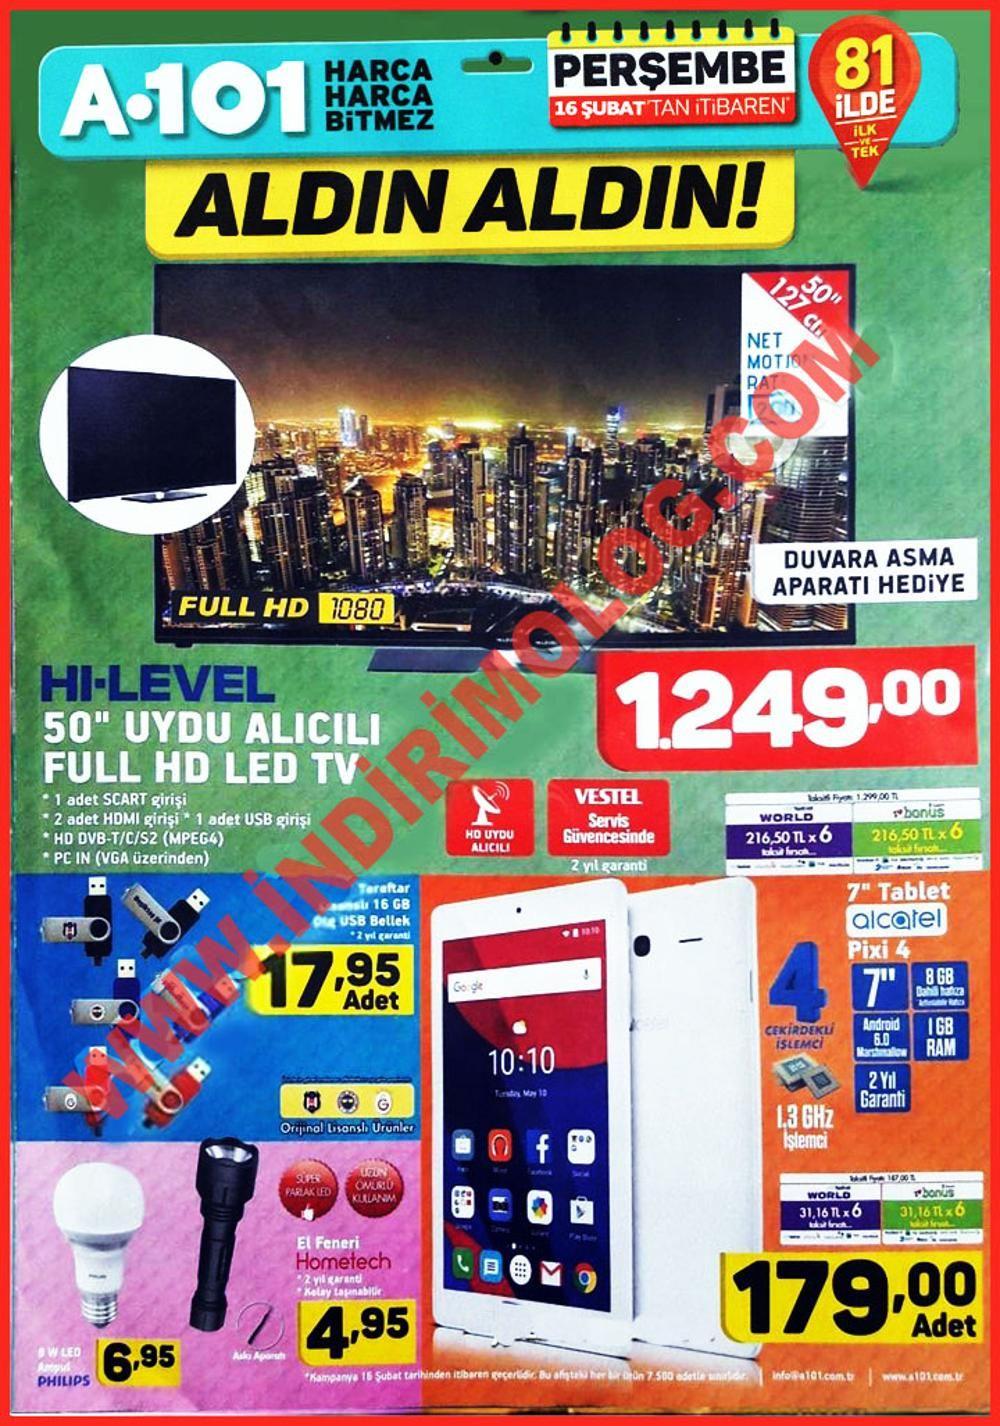 A101 16 Ağustos Kataloğu